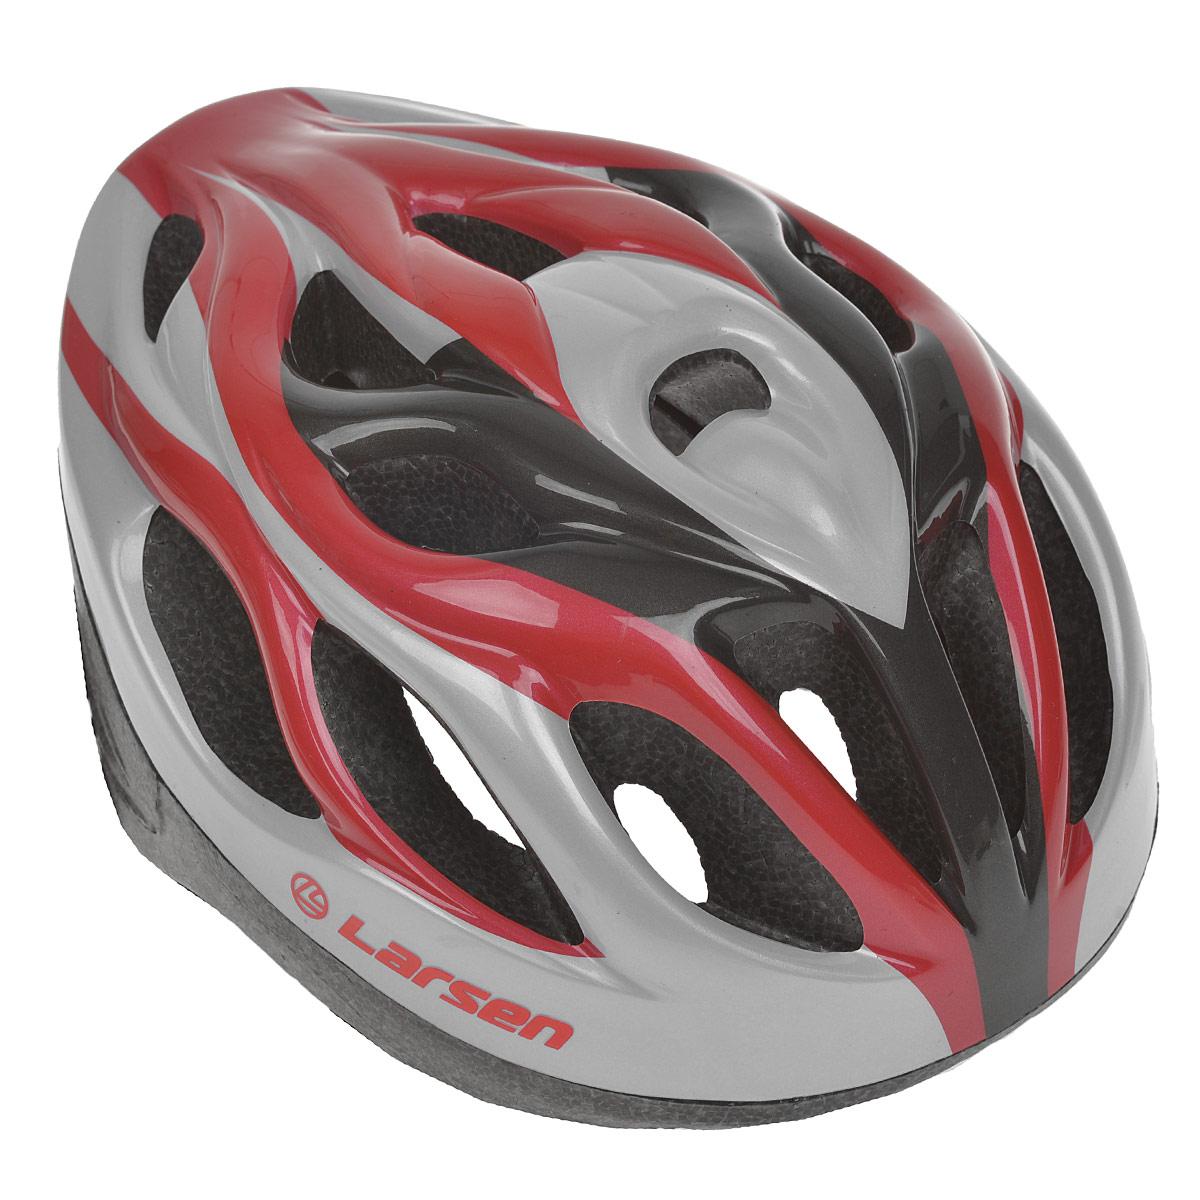 Шлем роликовый Larsen H3BW, цвет: красный, серебристый. Размер L (54-57 см)KBO-1014Надежный роликовый шлем Larsen H3BW сделает ваш активный отдых безопасным.Шлем выполнен из прочного пластика и отлично защищает от травм. Внутренняя сторона шлема оснащена мягкими текстильными накладками, которые обеспечивают надежное прилегание шлема и комфорт при использовании. Шлем имеет систему систему вентиляции. Он отлично сядет по голове, благодаря регулируемым ремешкам и практичному механическому регулятору.Роликовый шлем станет незаменимым дополнением для полноценного летнего отдыха и занятия активными видами спорта.